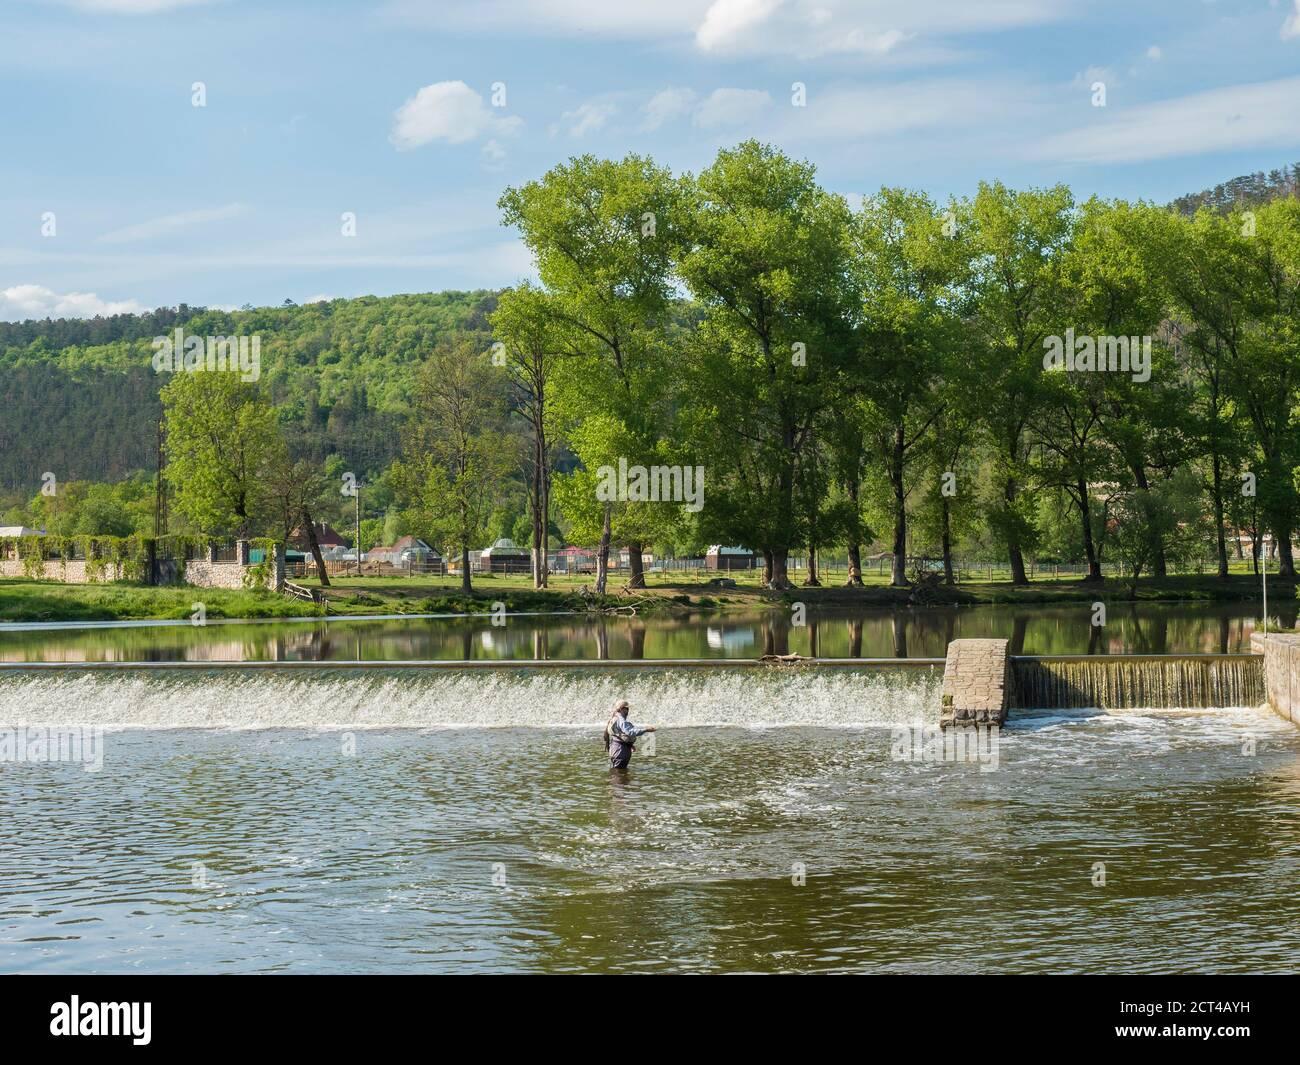 Weir sur la rivière Berounka dans le village de Zadni Treban avec pêcheur à la mouche debout dans le ruisseau et arbres verts luxuriants. Jour d'été ensoleillé, République tchèque Banque D'Images